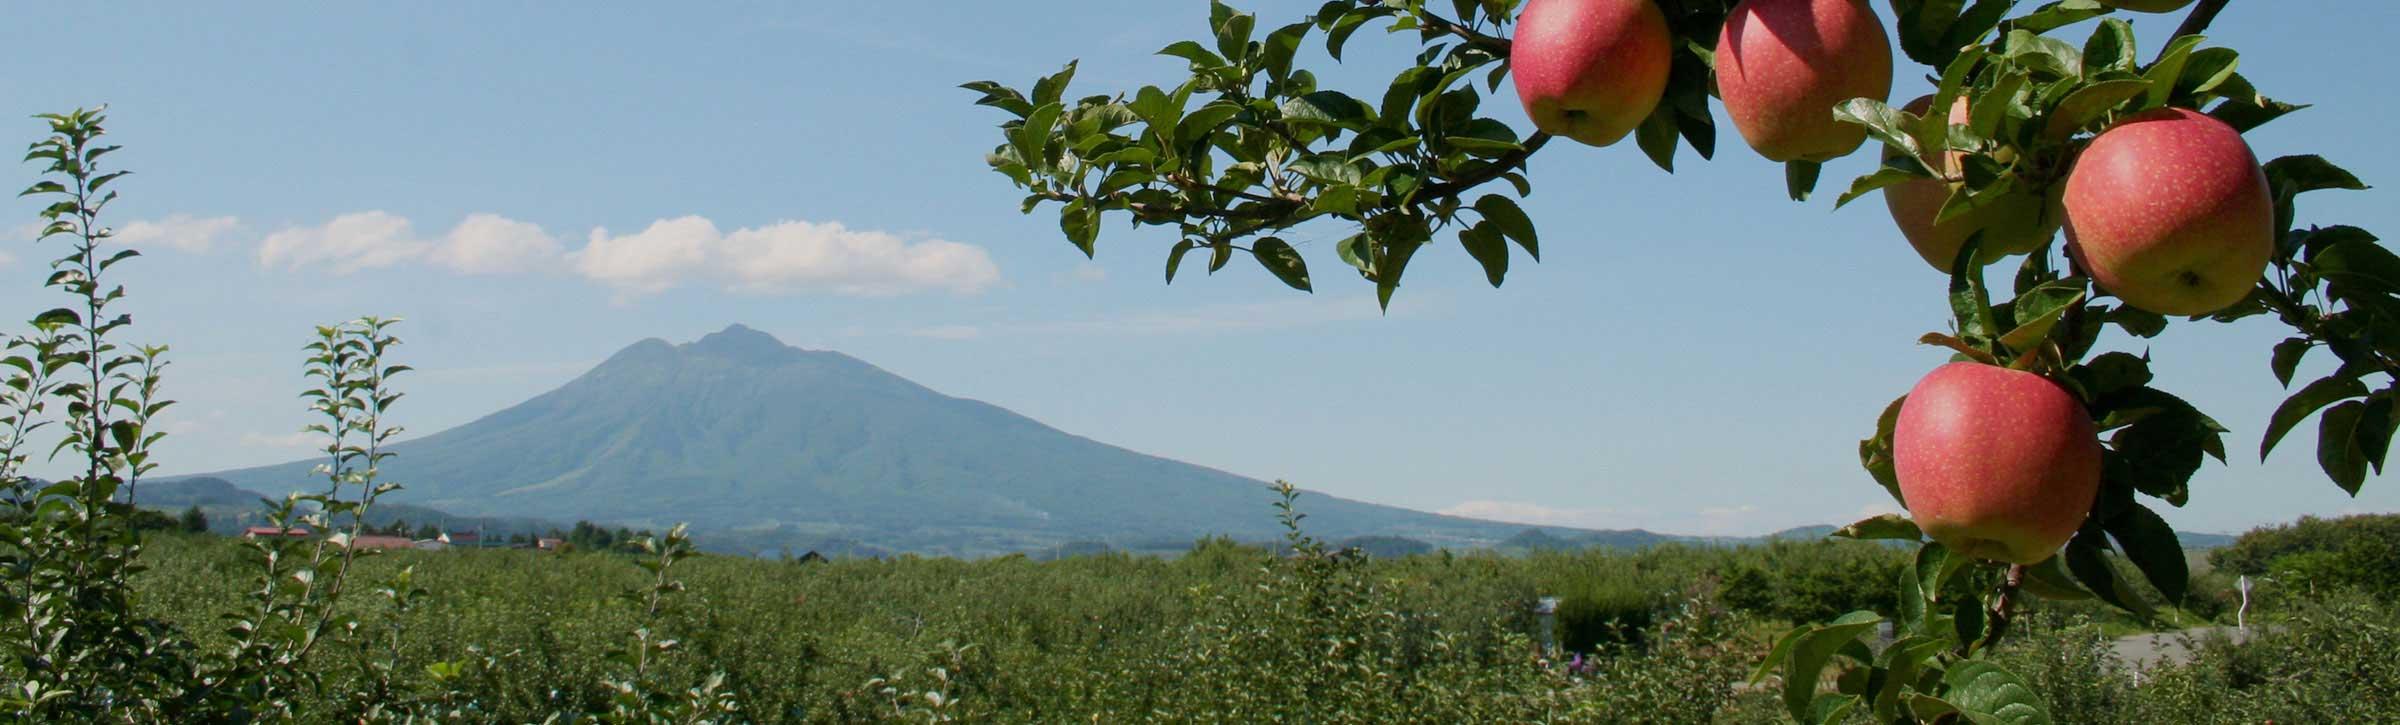 地域ごとに特色のある山の幸、三方囲まれた海から水揚げされる多種の水産物 青森りんご畑